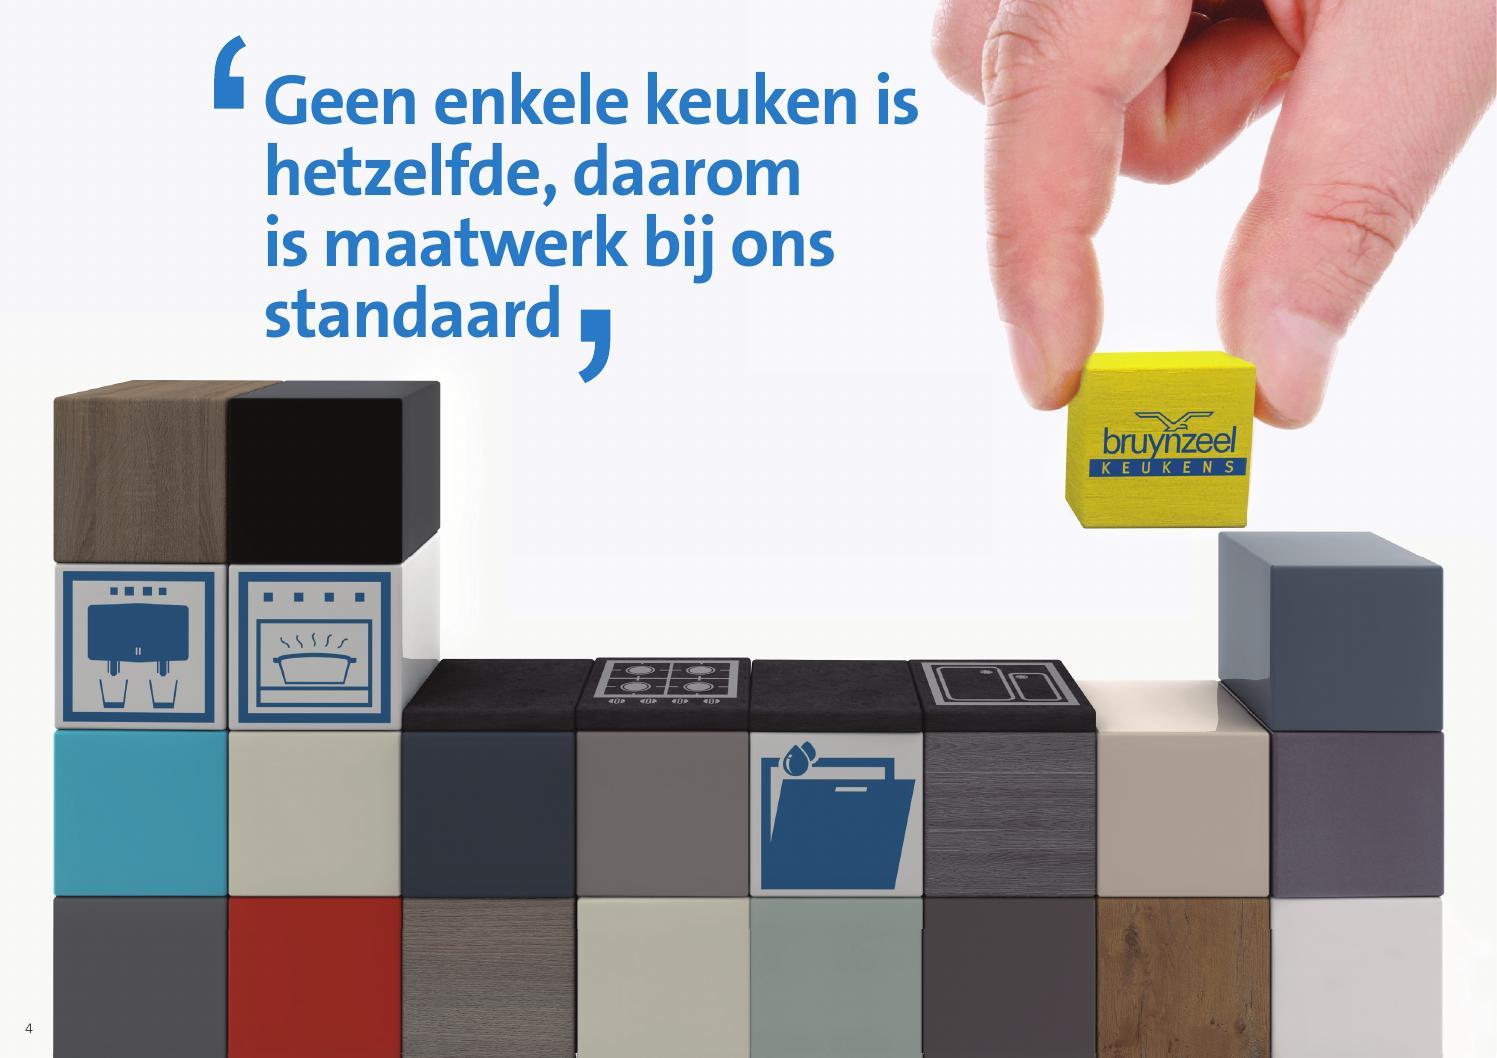 Keukenboek nl by nicky kerfs   issuu